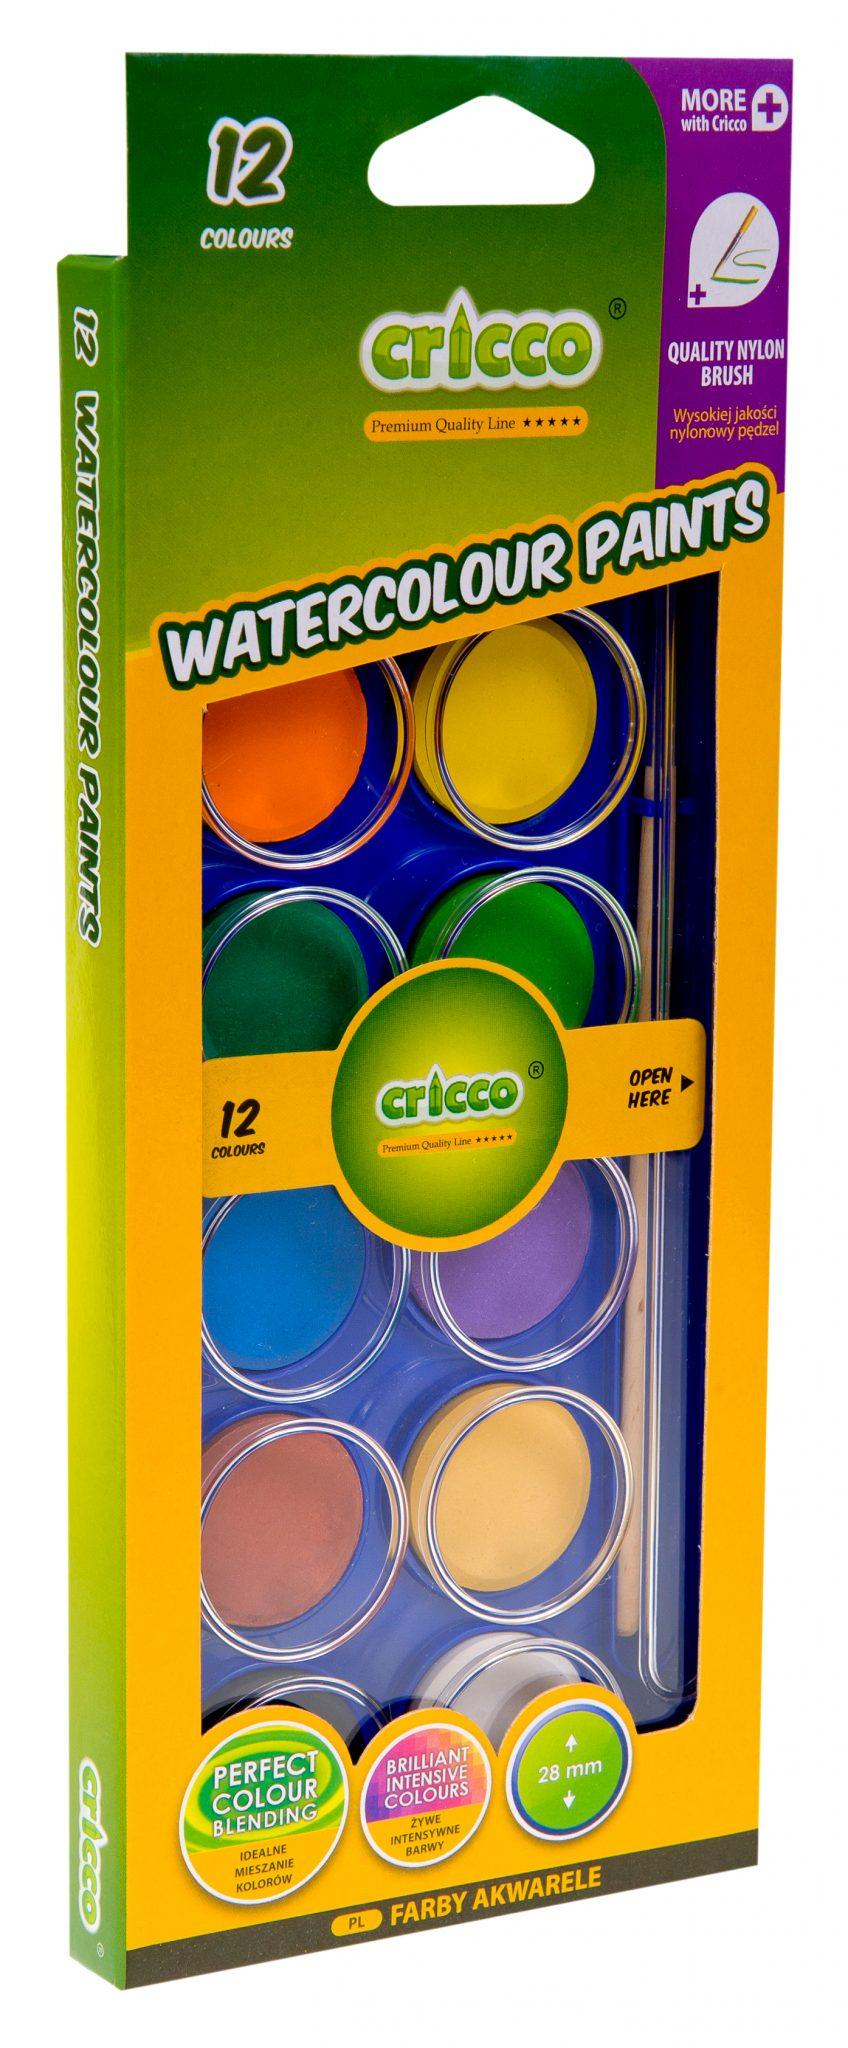 farby akwarelowe Cricco kasetka prostokątna 12 kolorów - CR360K12